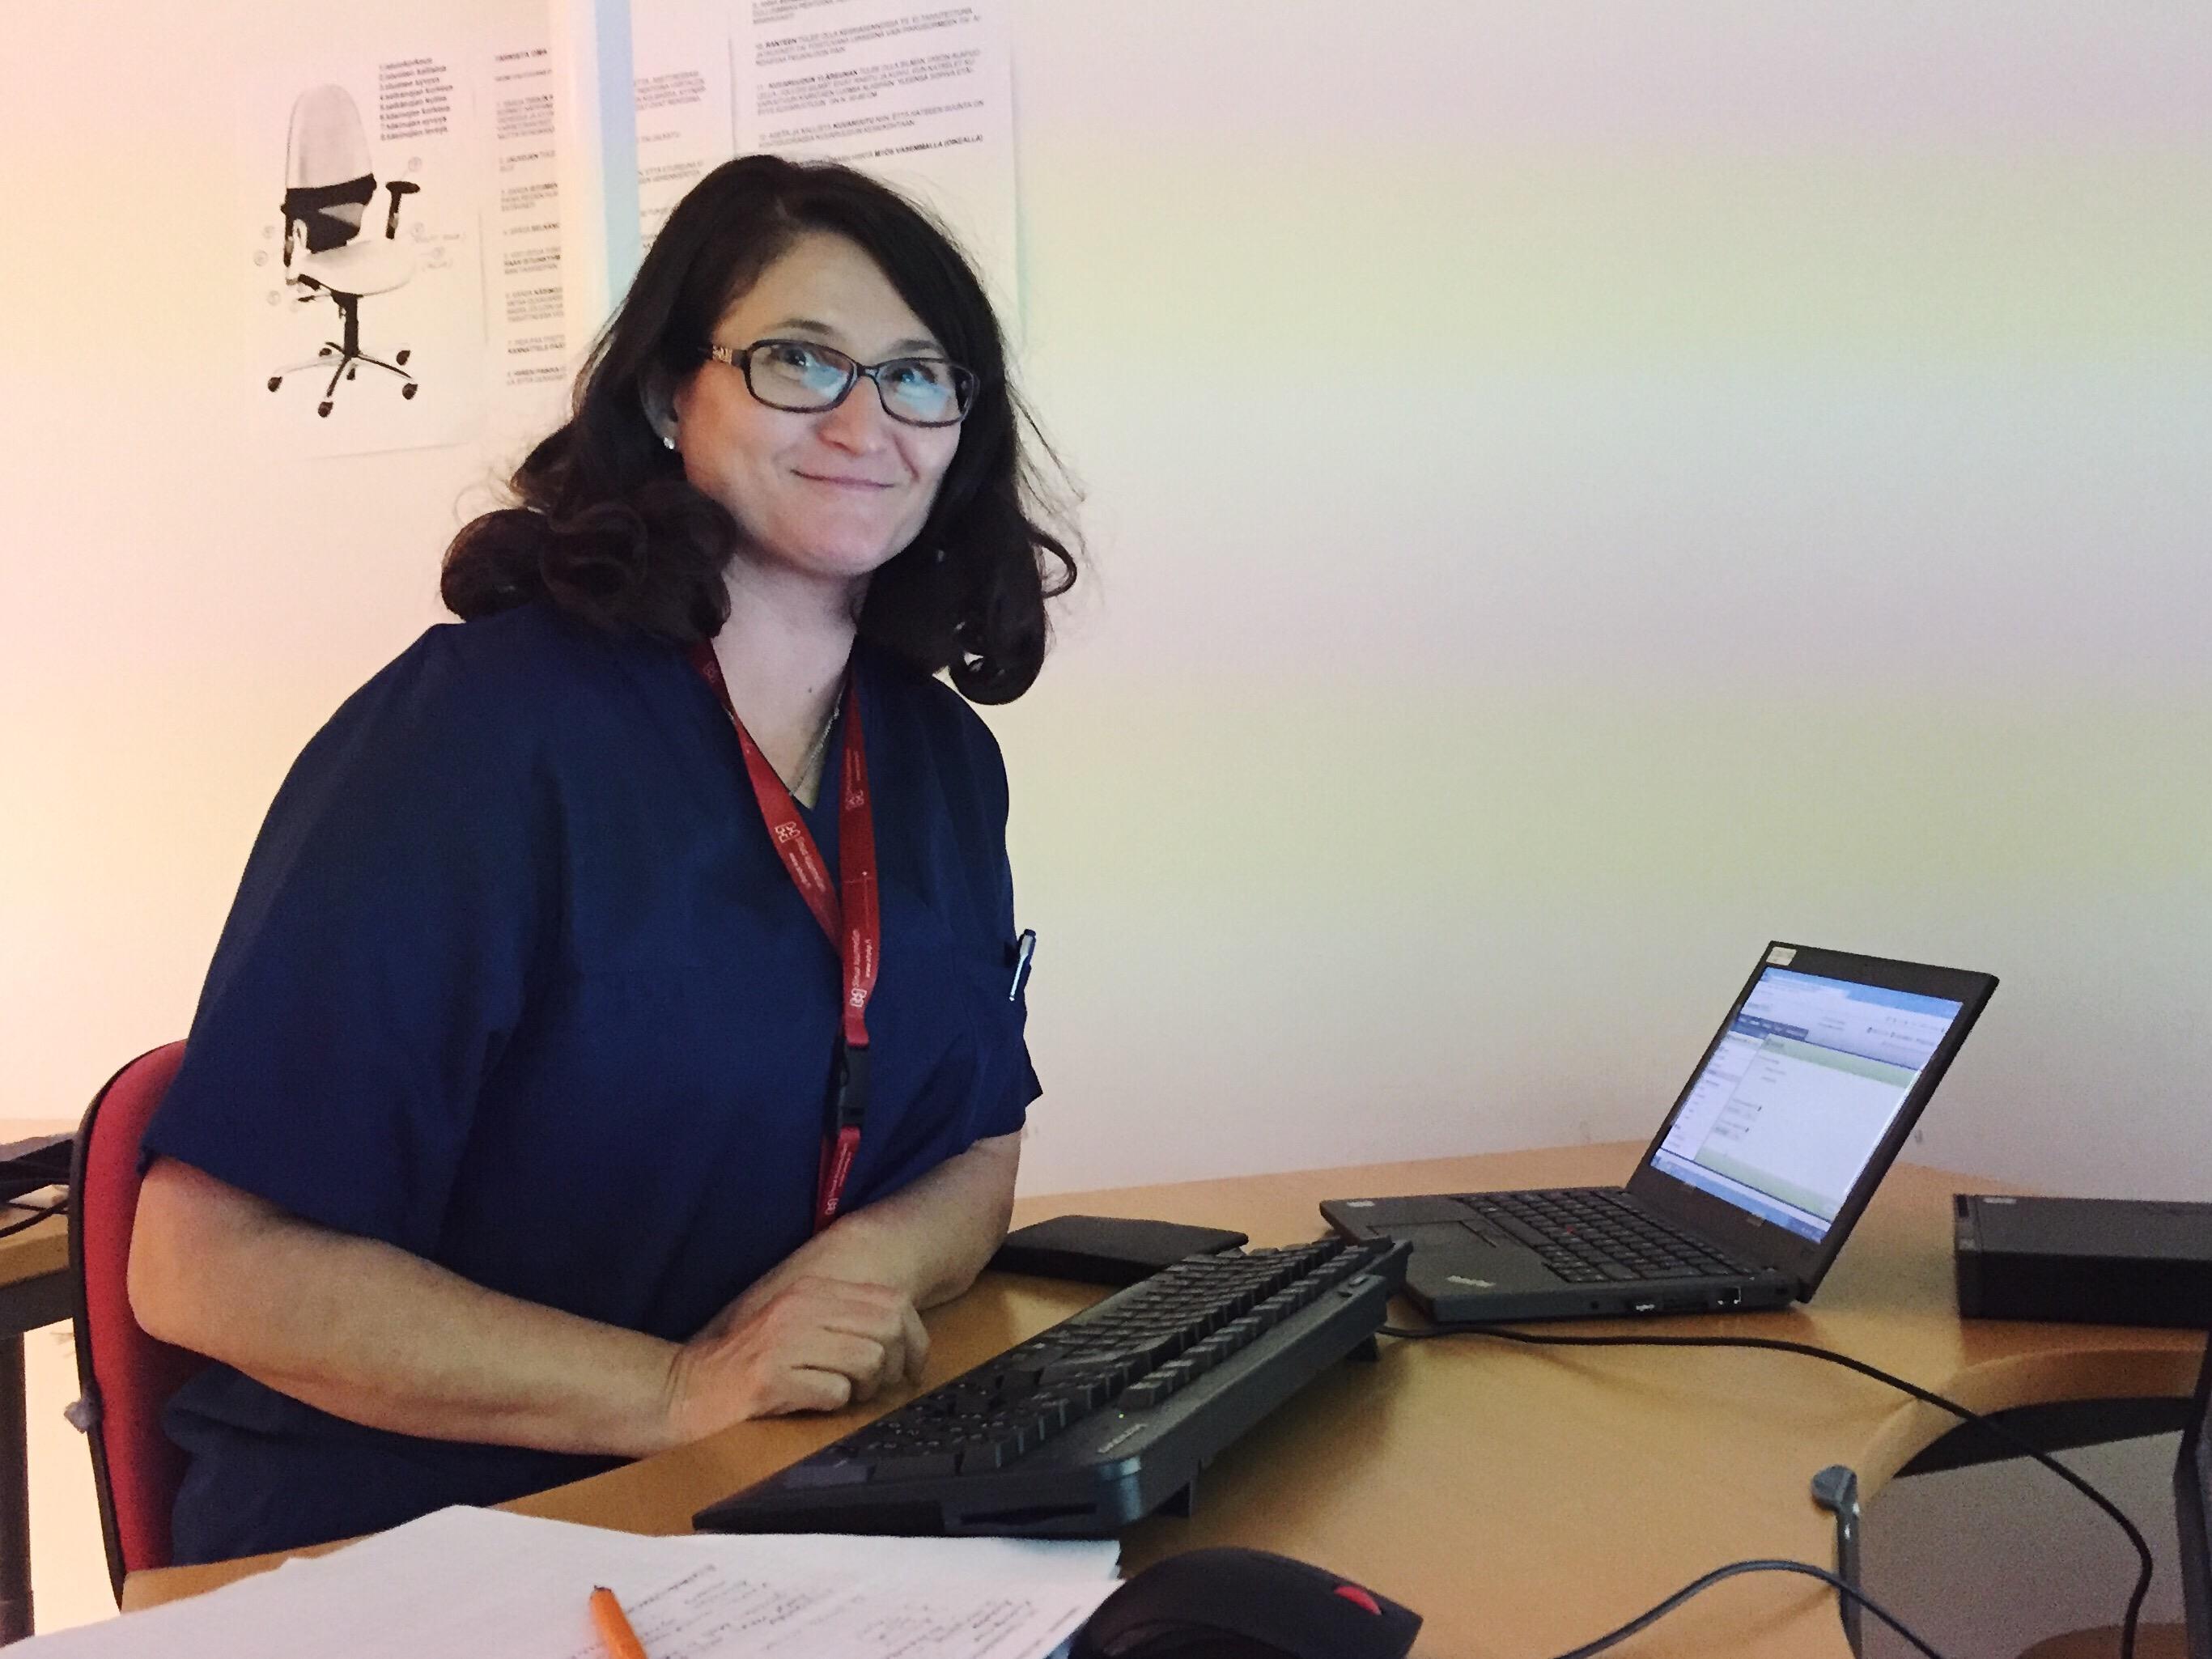 Heli Ylitalo katsoo kameraan istuessaan työpöydän ääressä.